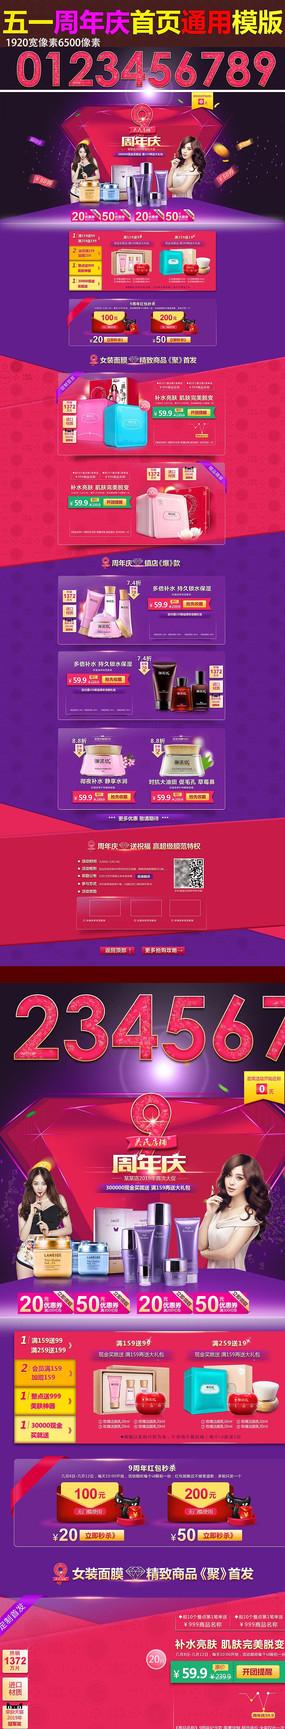 淘寶店鋪周年慶活動首頁設計